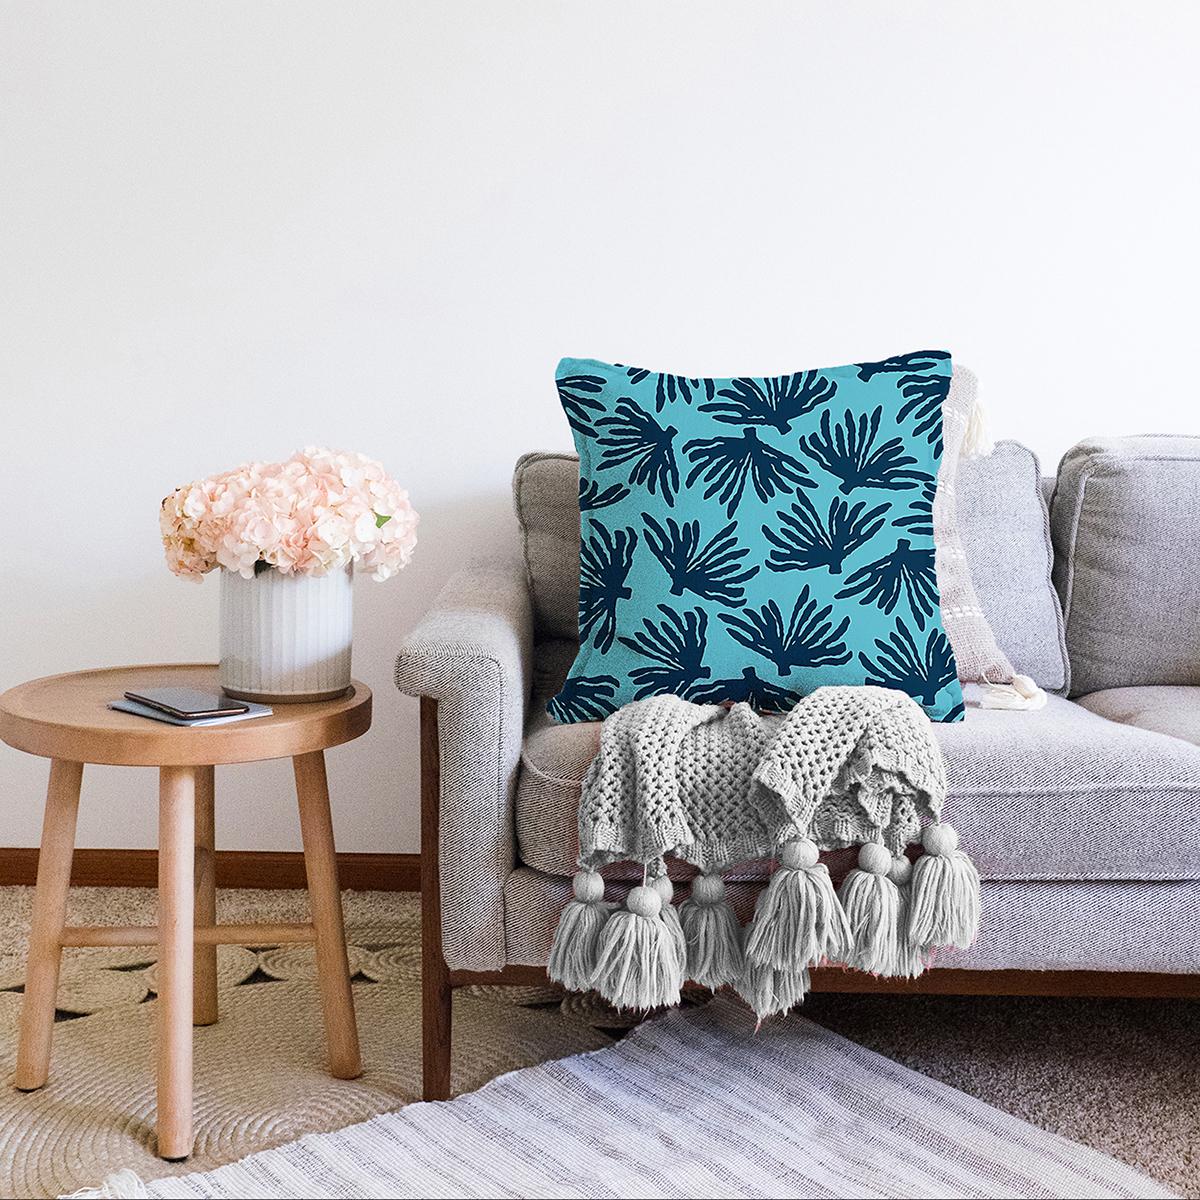 Çift Taraflı Renkli Zemin Üzerinde Yaprak Desenli Dijital Baskılı Modern Şönil Yastık Kırlent Kılıfı Realhomes